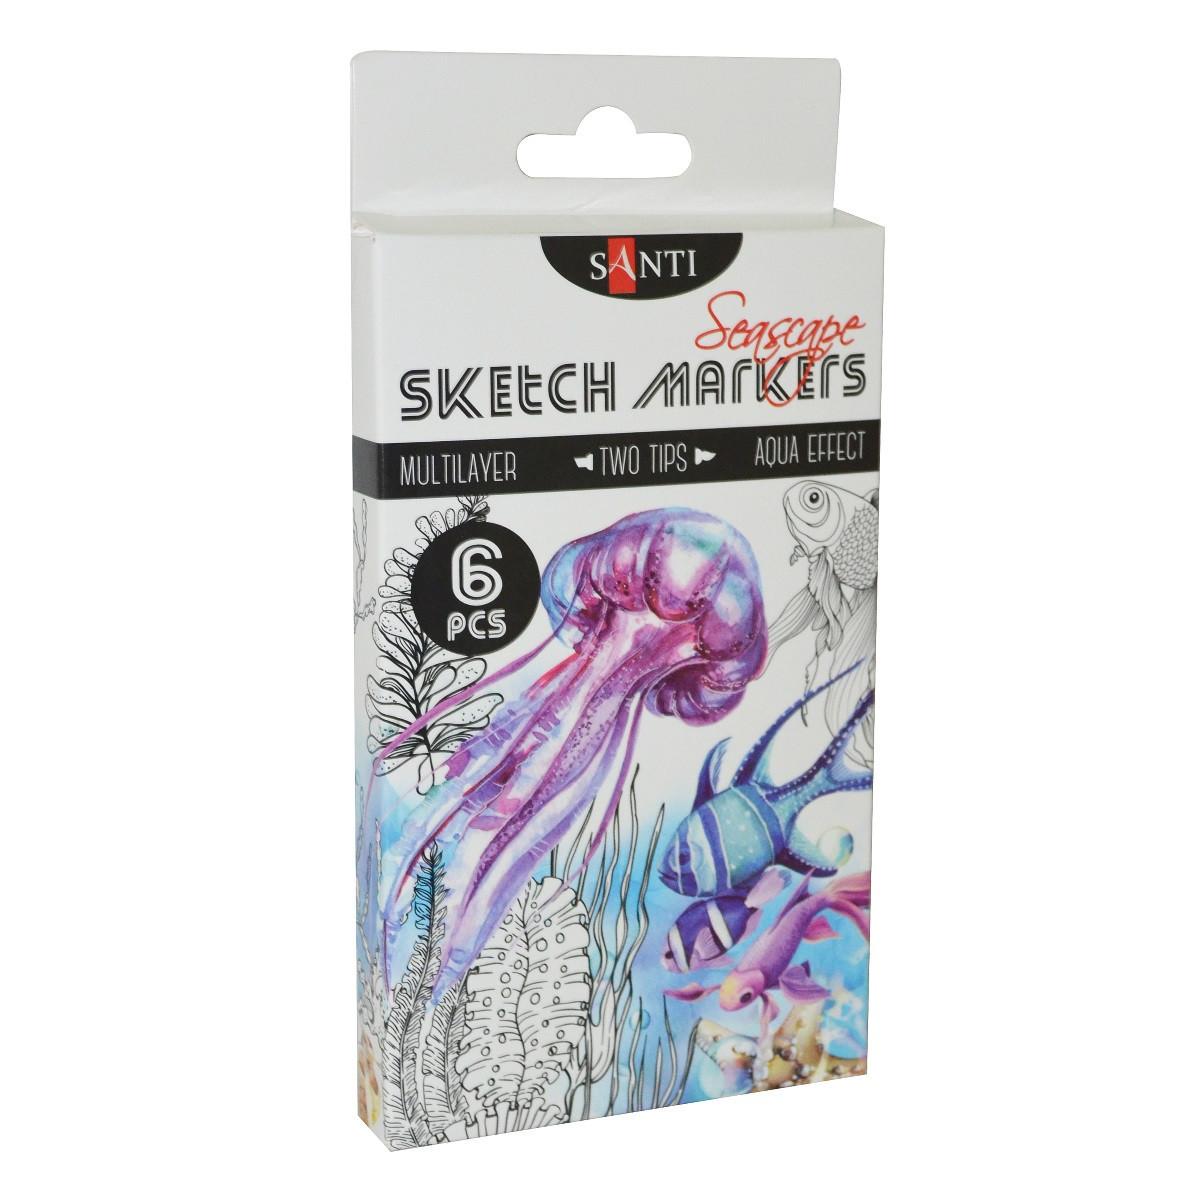 Набор маркеров для скетчей  Santi sketch Seascape, 6 шт/уп.     код: 390567